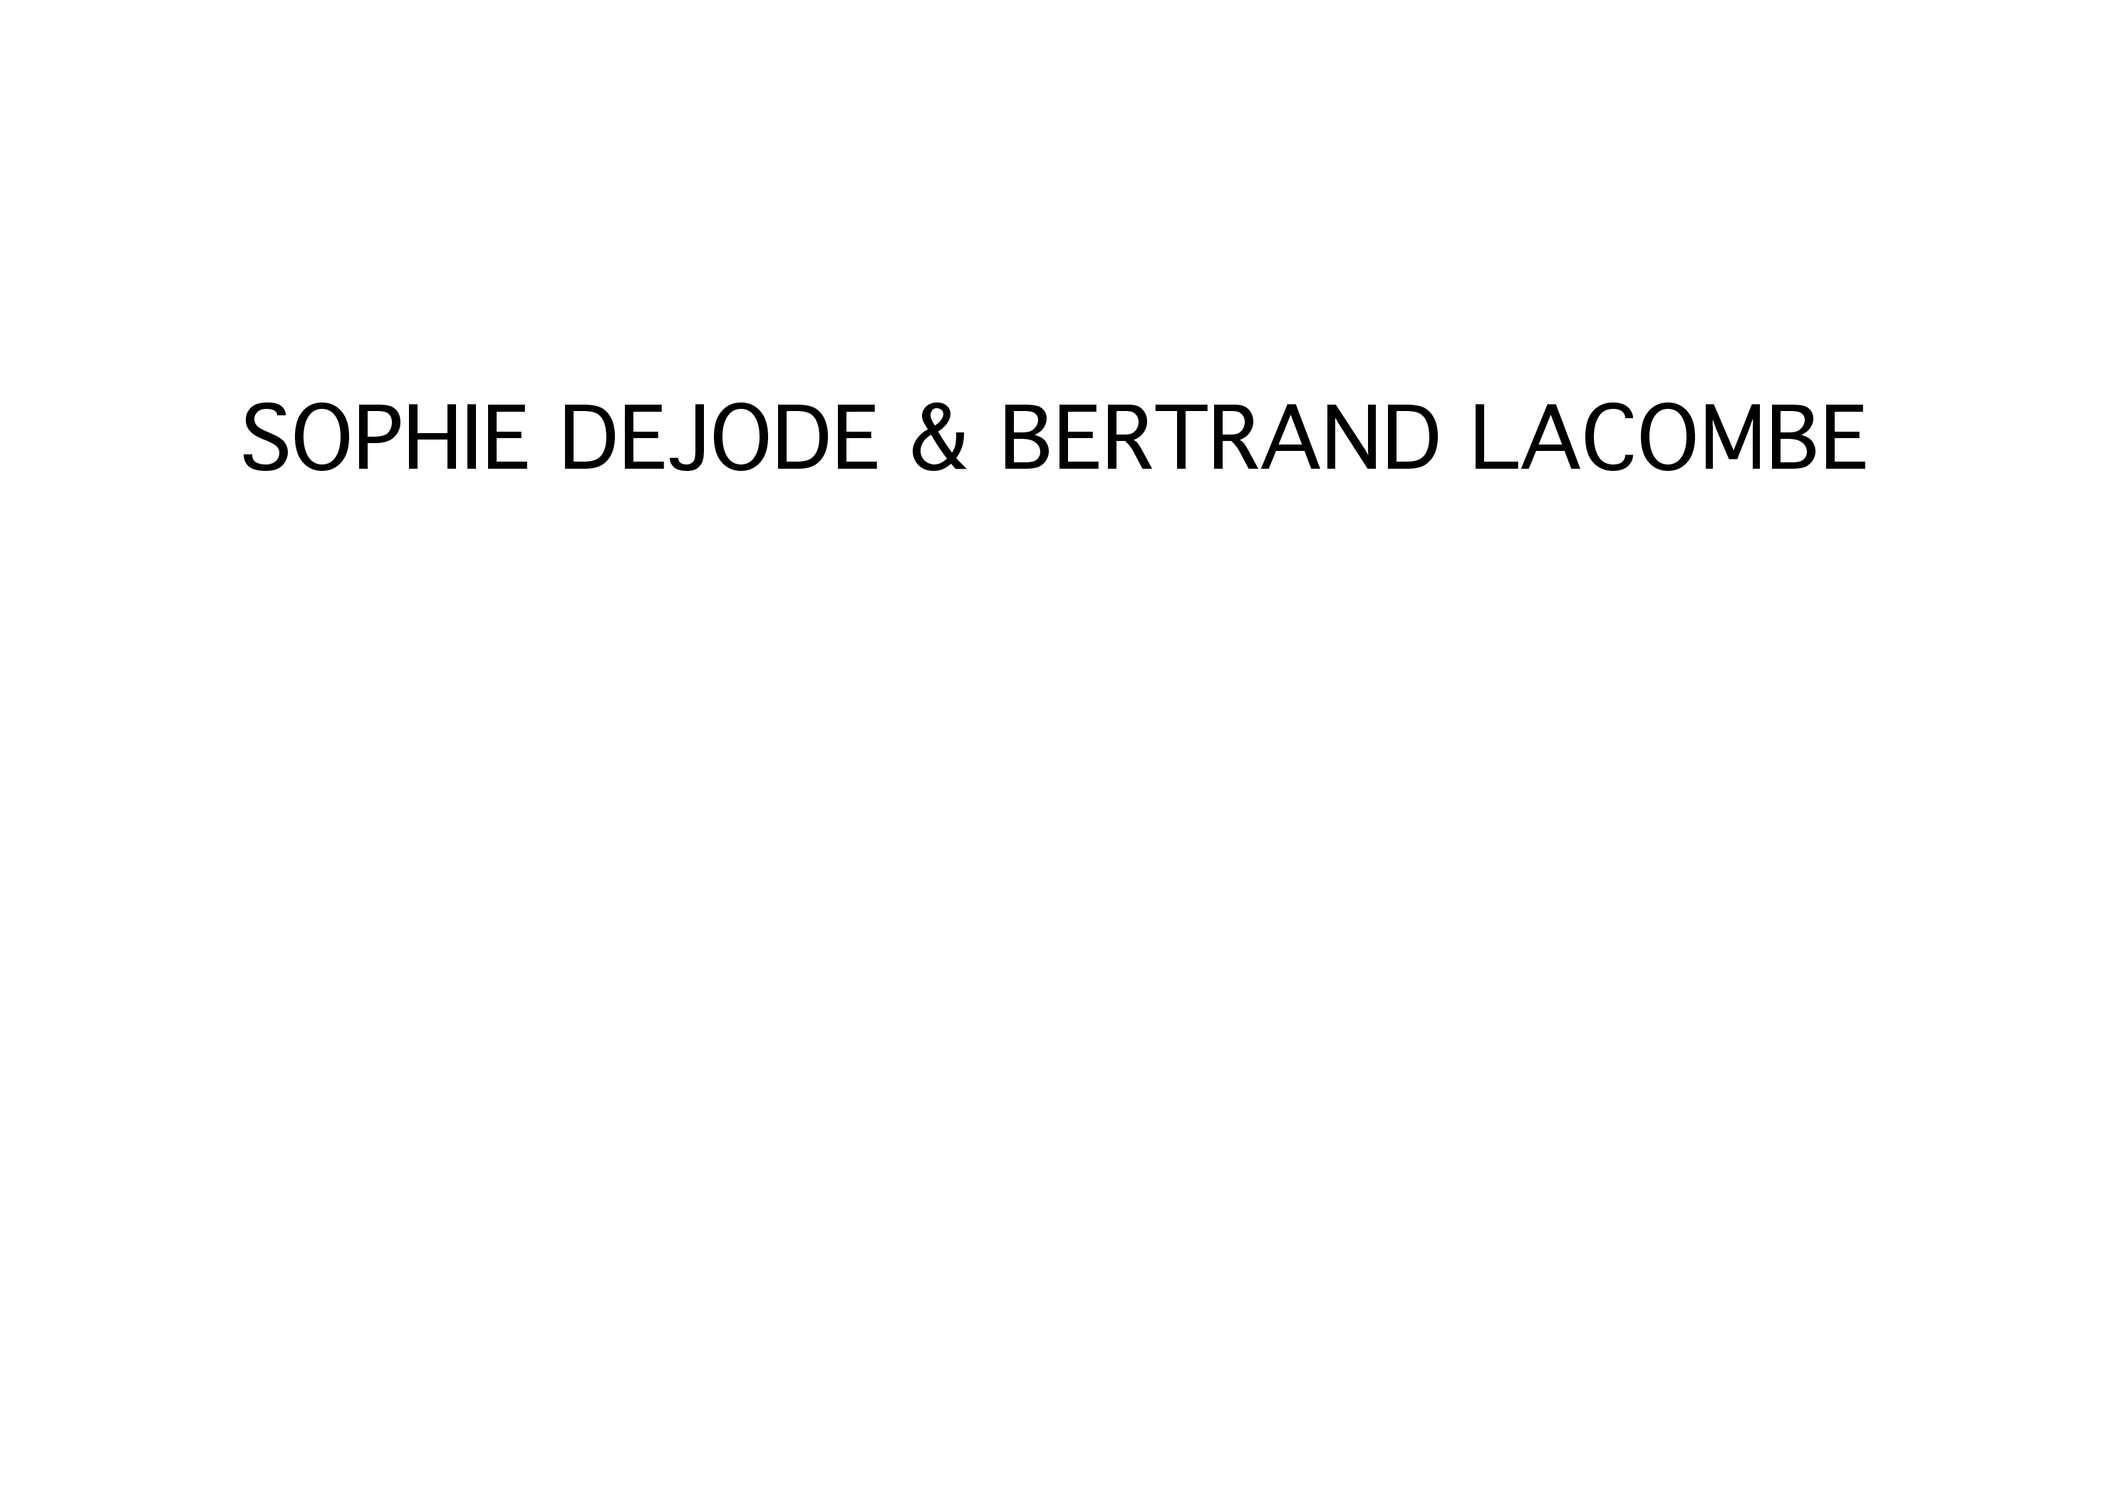 εθνικη ομαδα ποδοσφαιρου ιταλιας Κίνο κλήρωση 722177 - 5/1/2019 21:35